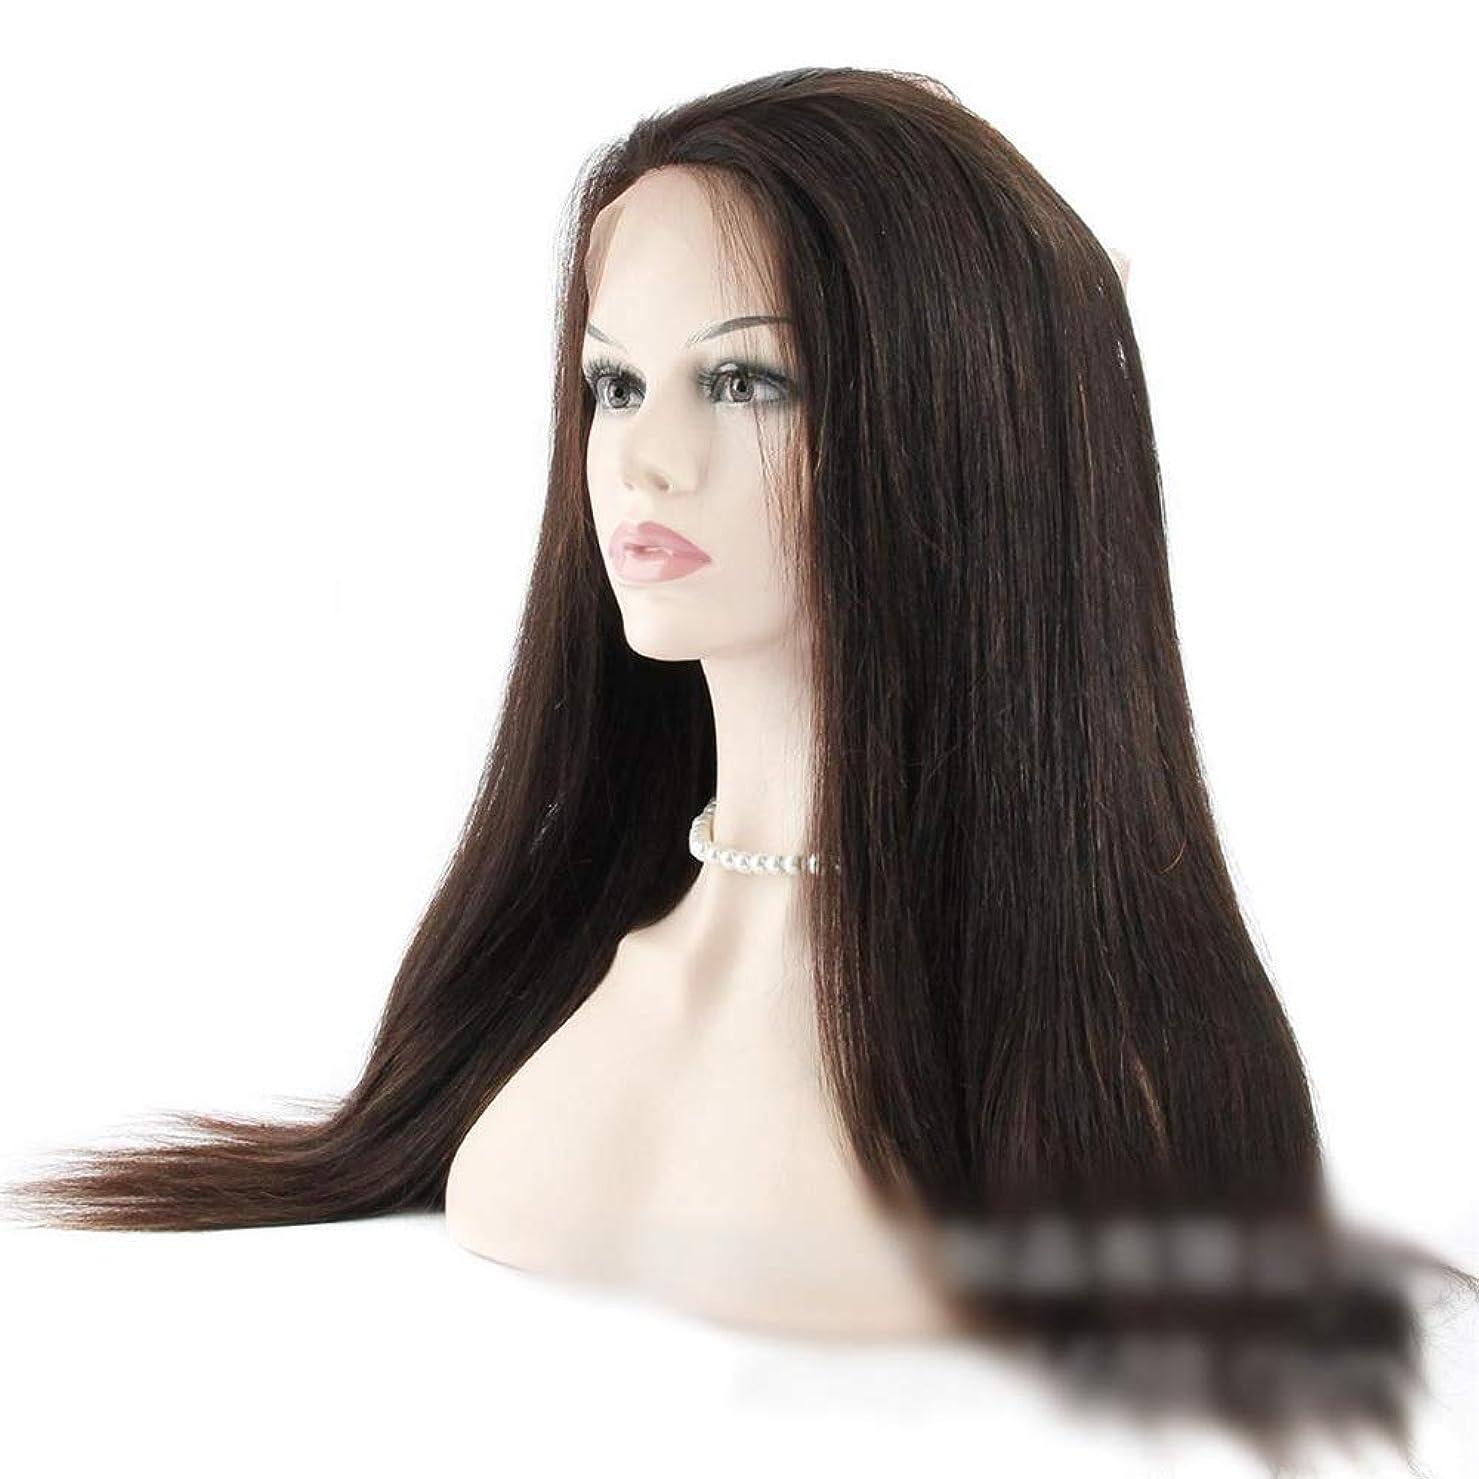 製油所作成するマルクス主義JULYTER 360レース前頭閉鎖ブラジル人間の髪の毛の広場ナチュラルブラックカラー(14インチ-20インチ) (色 : 黒, サイズ : 18 inch)